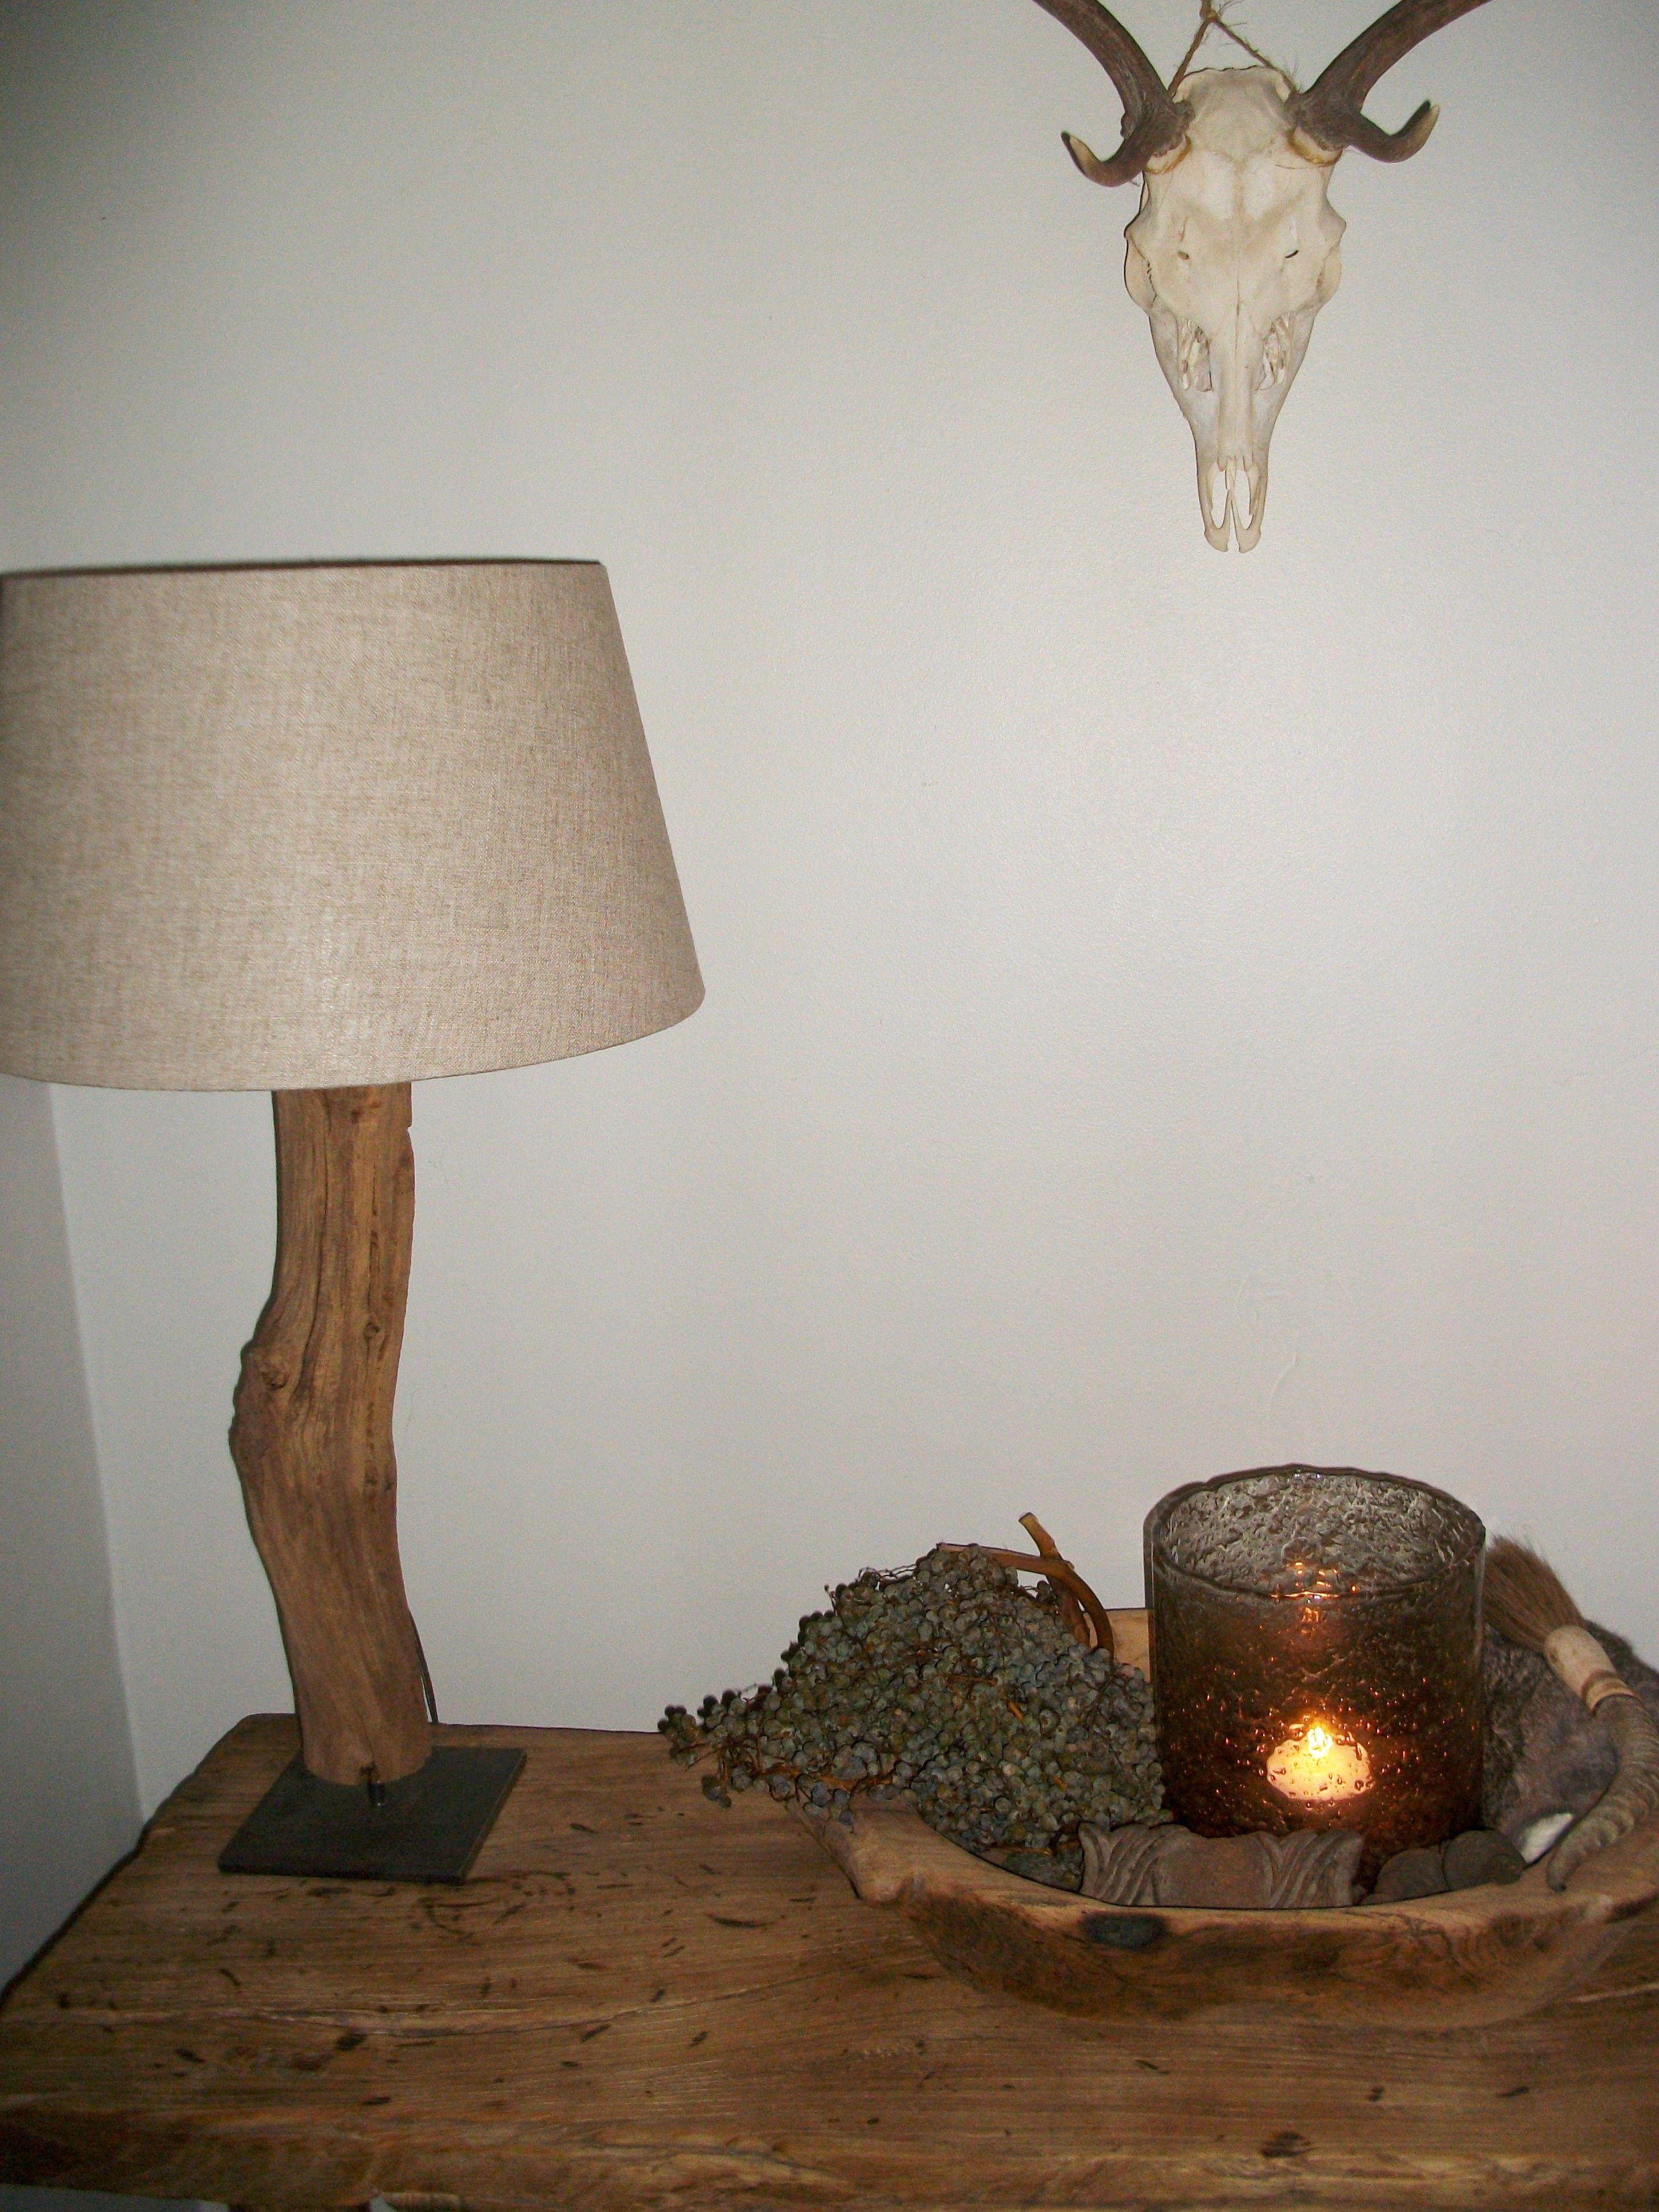 Sober handgemaakte lamp gemaakt van driftwood. Op een ijzeren statief.